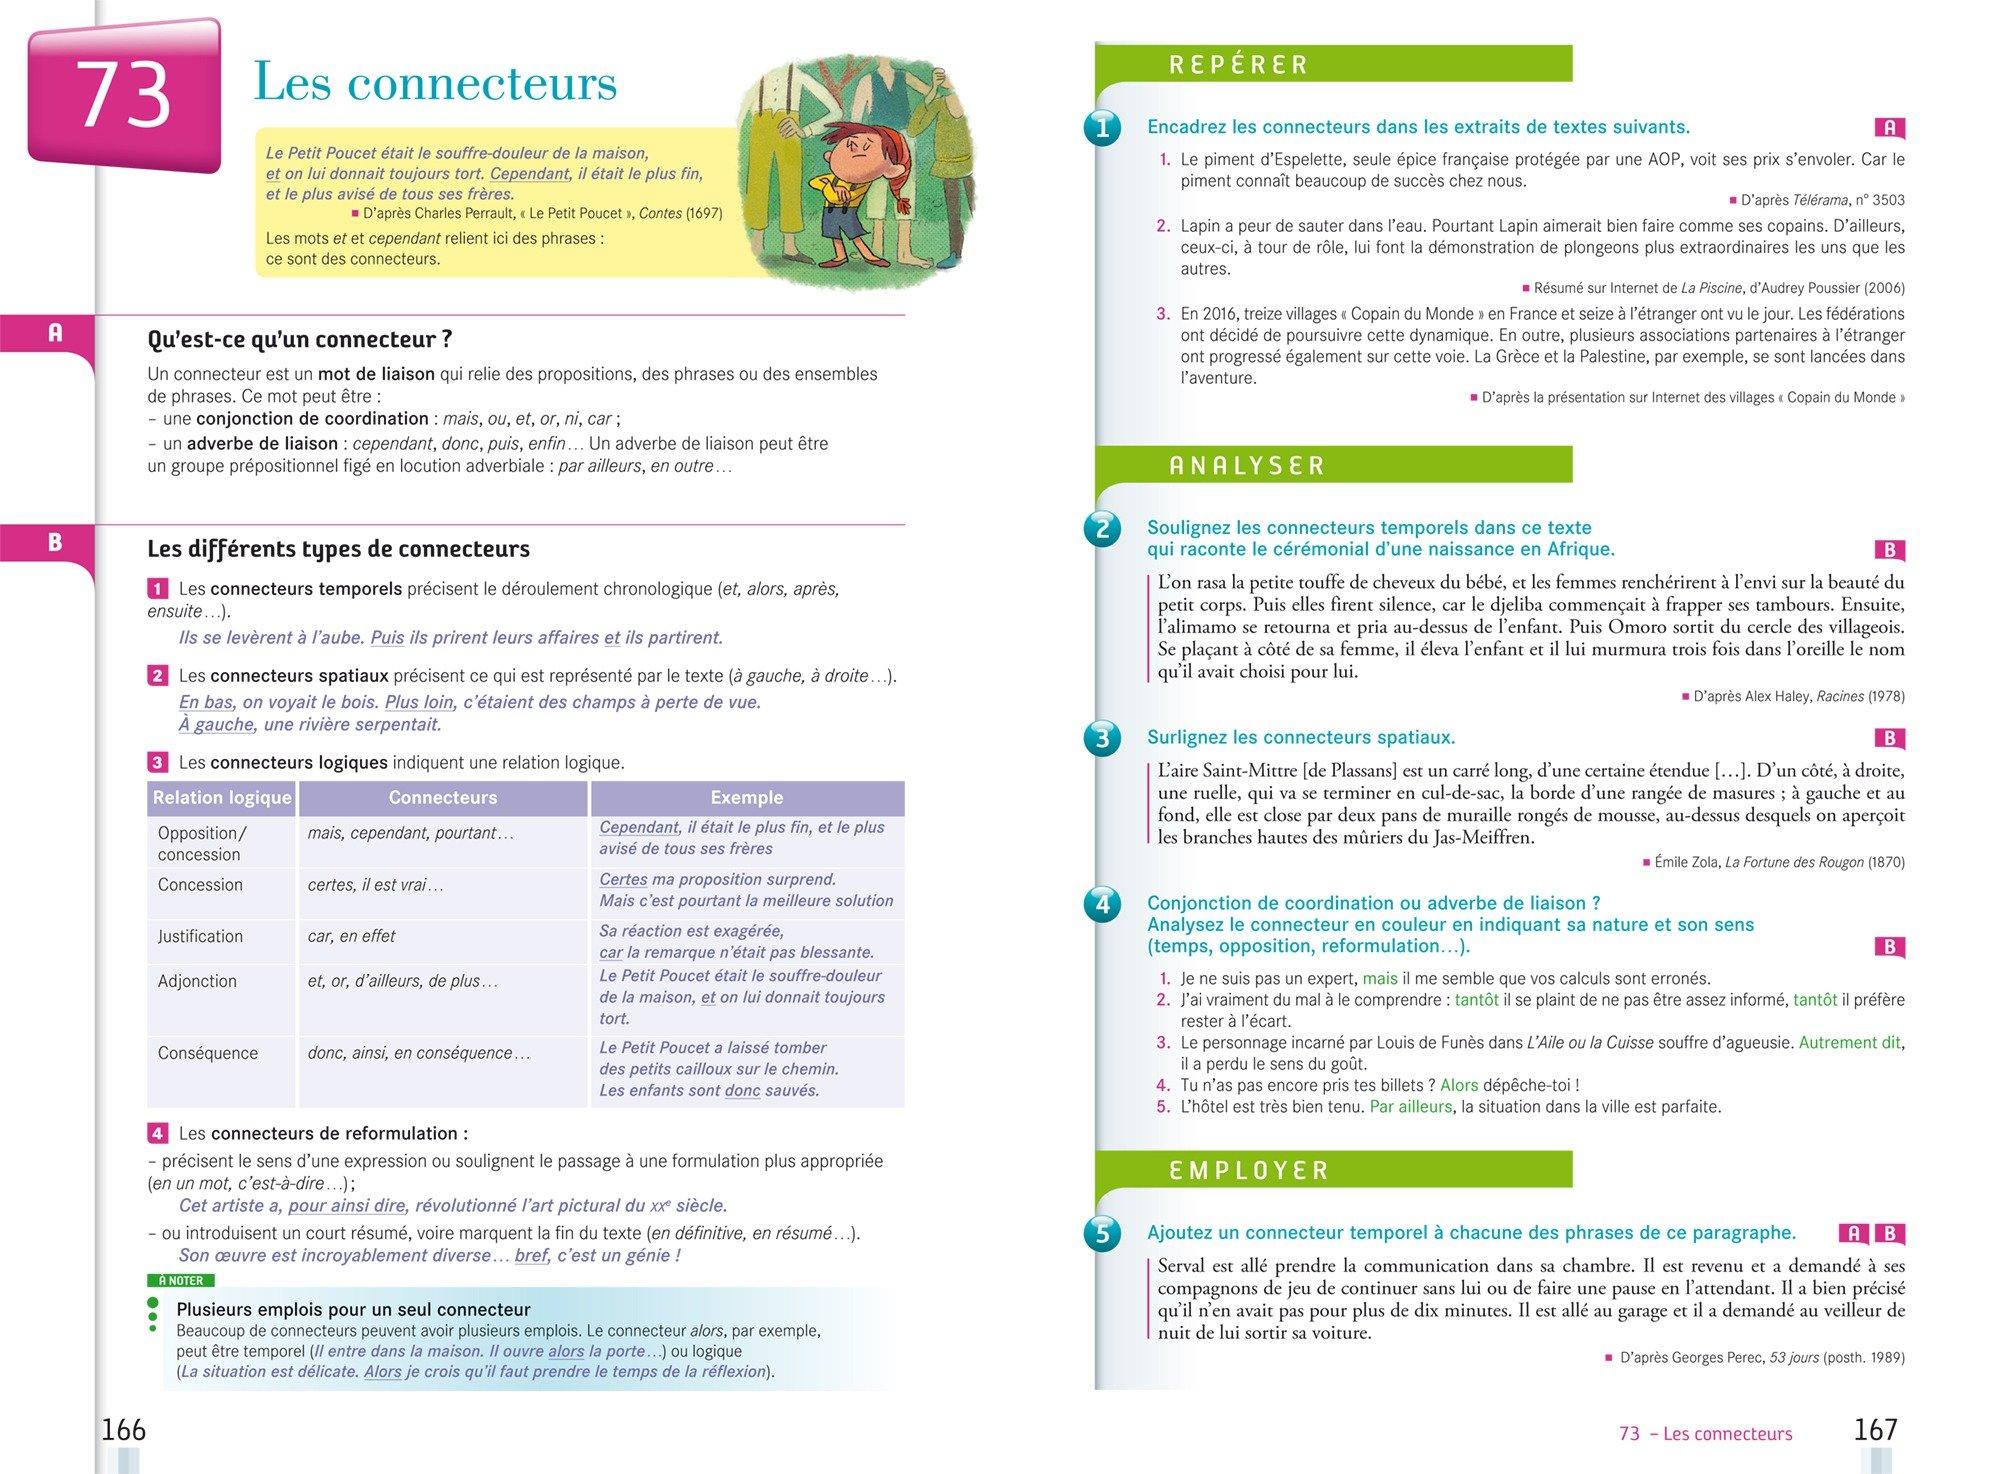 Maîtriser la grammaire française: un ouvrage dentraînement Bescherelle Bescherelle références: Amazon.es: Bénédicte Delignon-Delaunay, Nicolas Laurent: ...